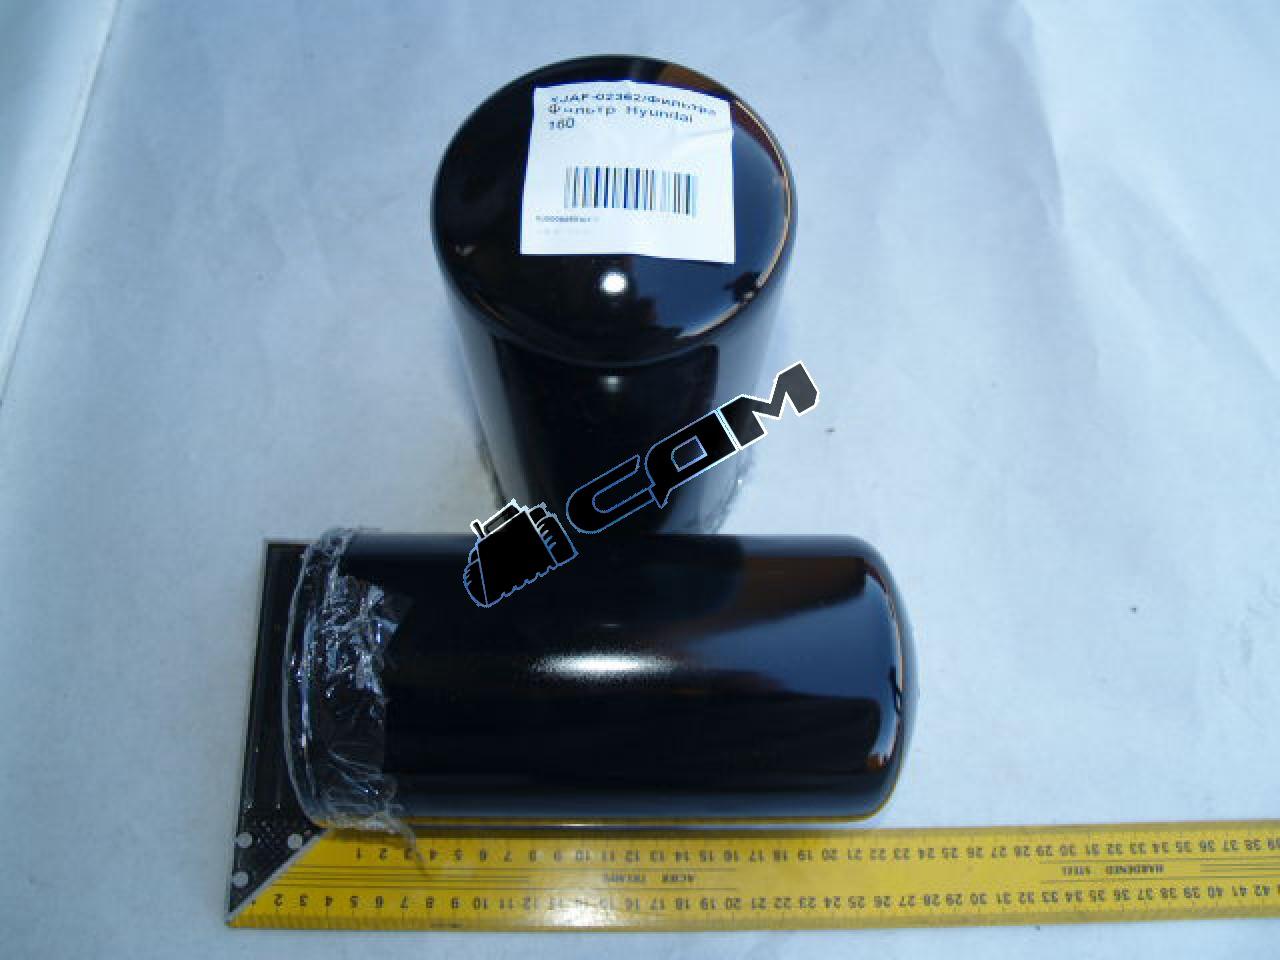 Фильтр  Hyundai 160 XJAF-02362